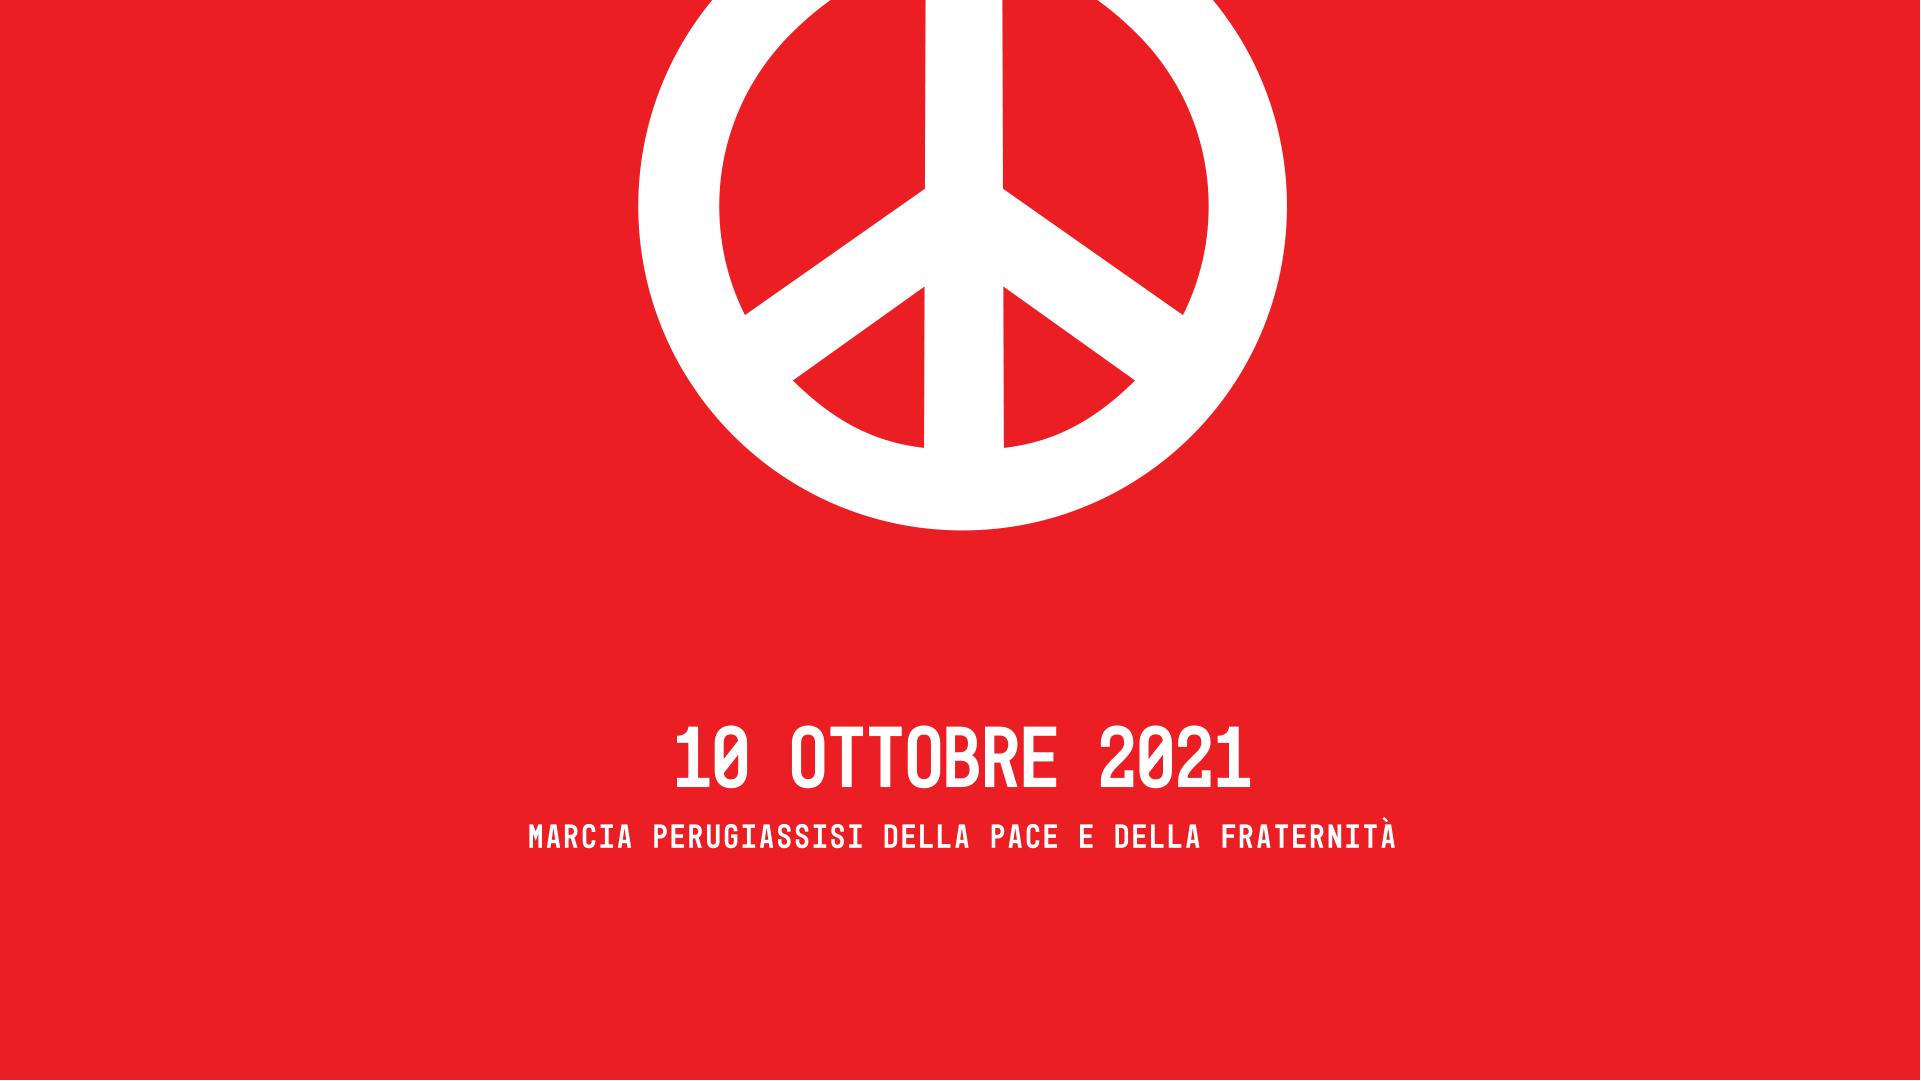 Marcia PerugiAssisi della pace e della fraternità 2021